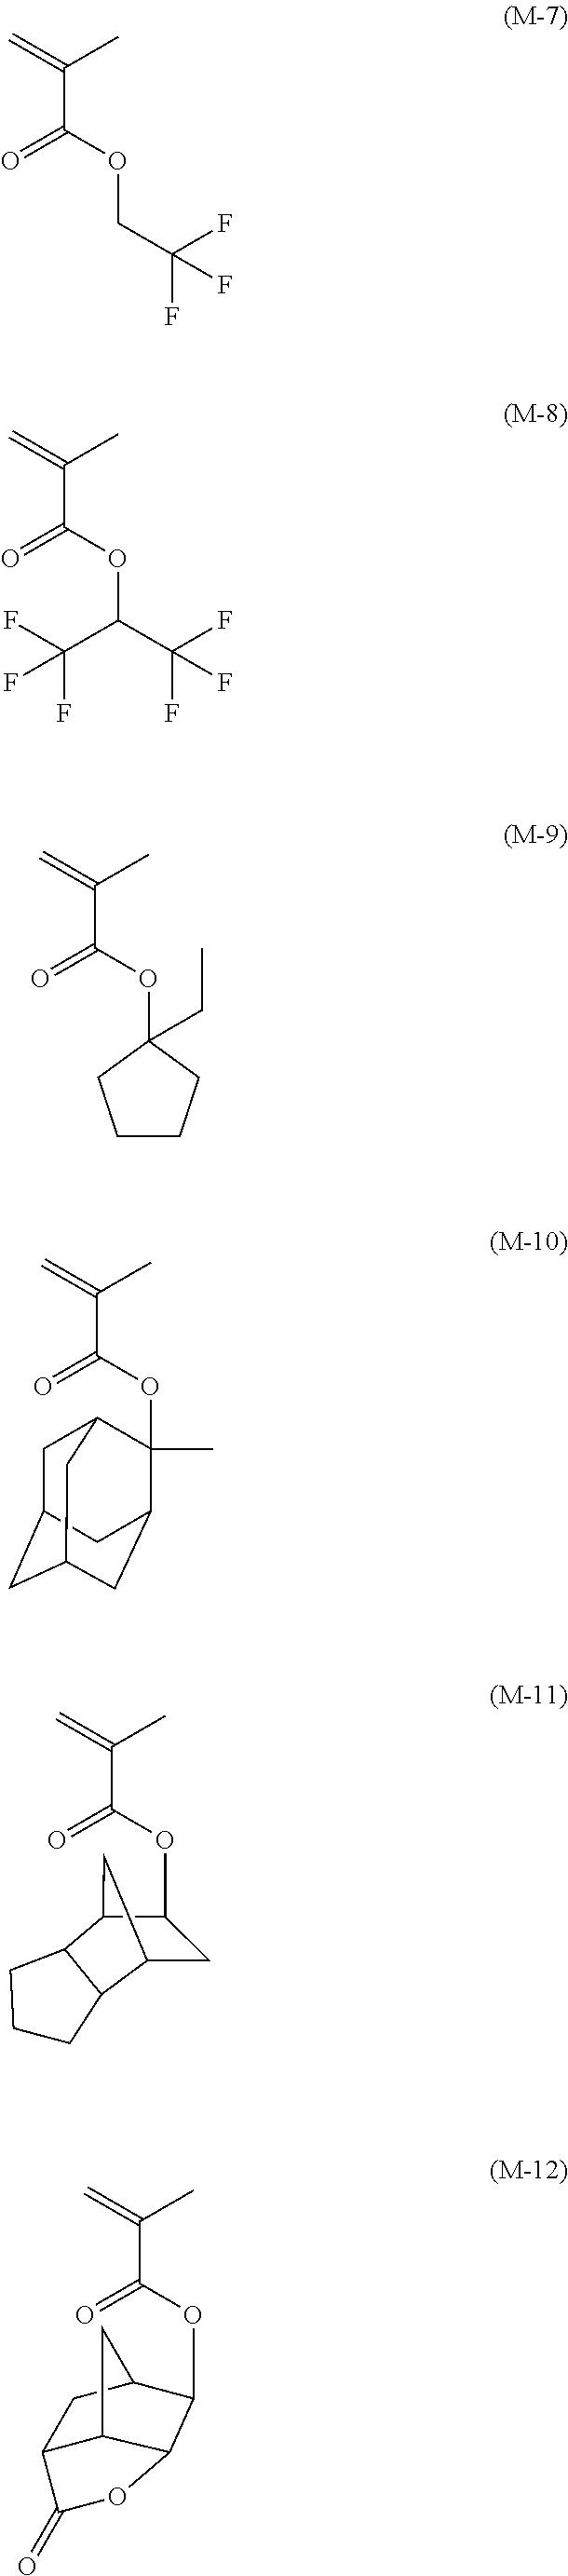 Figure US20120077124A1-20120329-C00017